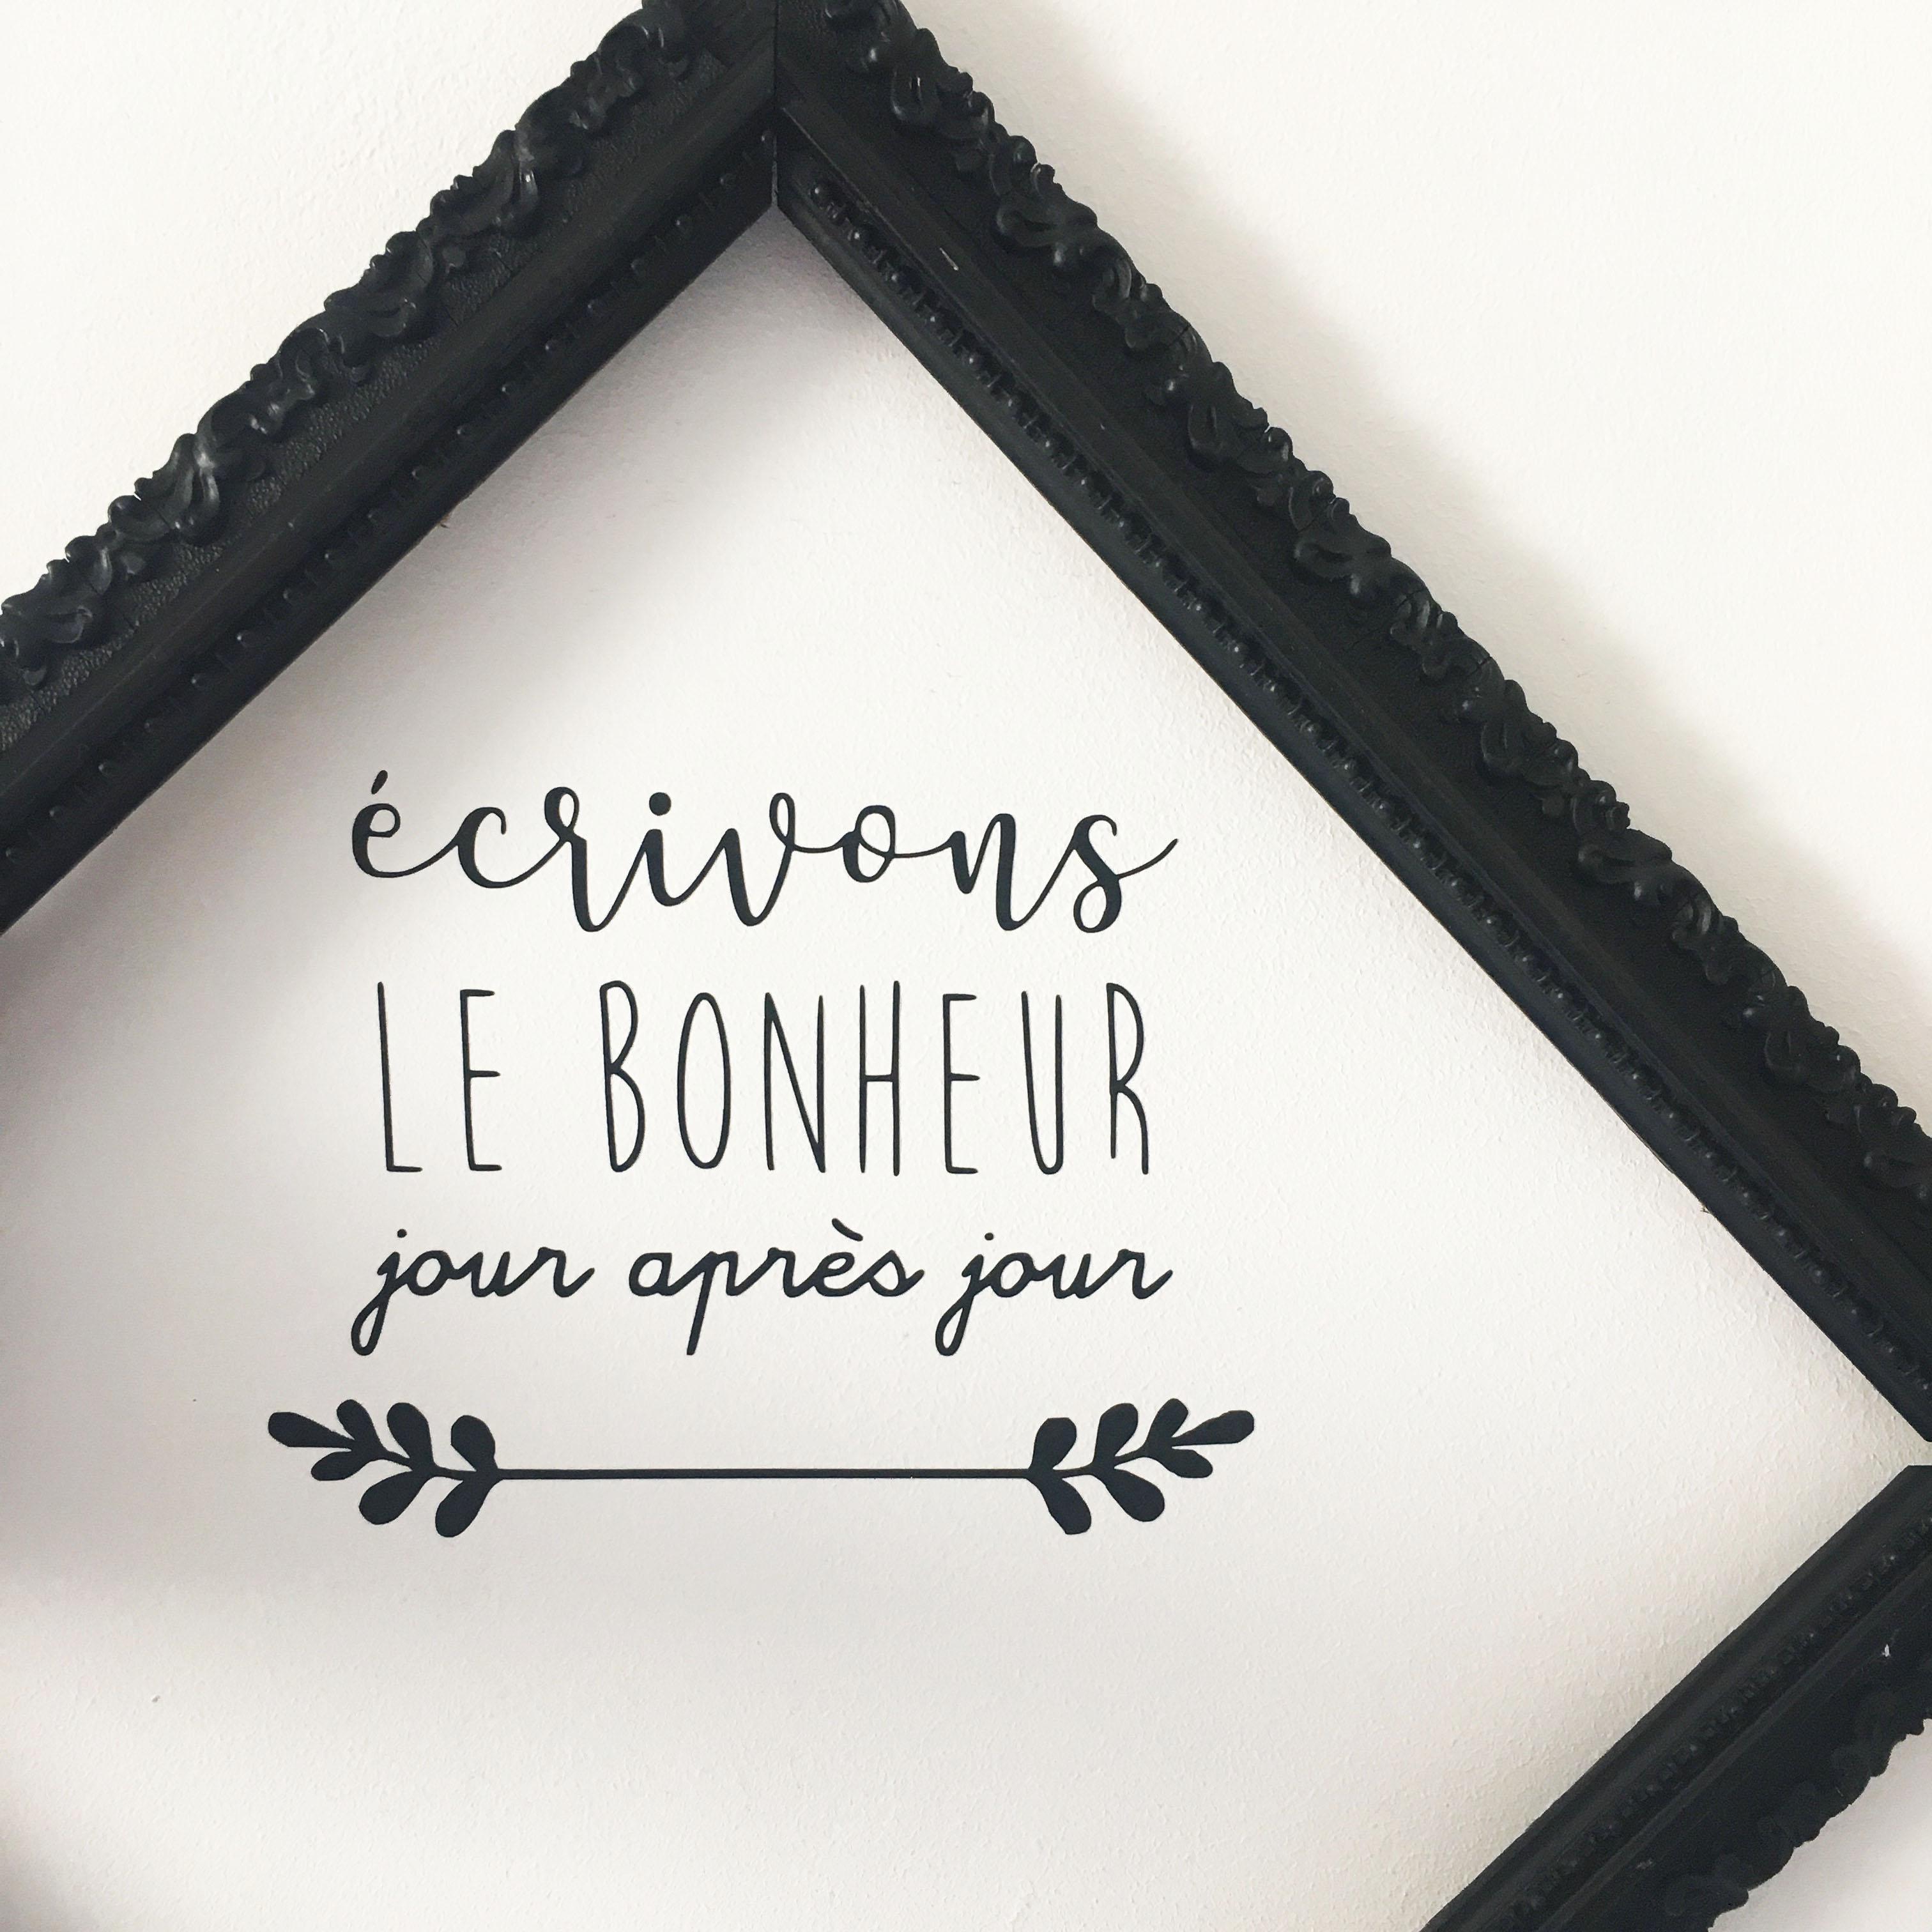 adf-sticker-ecrivonslebonheur